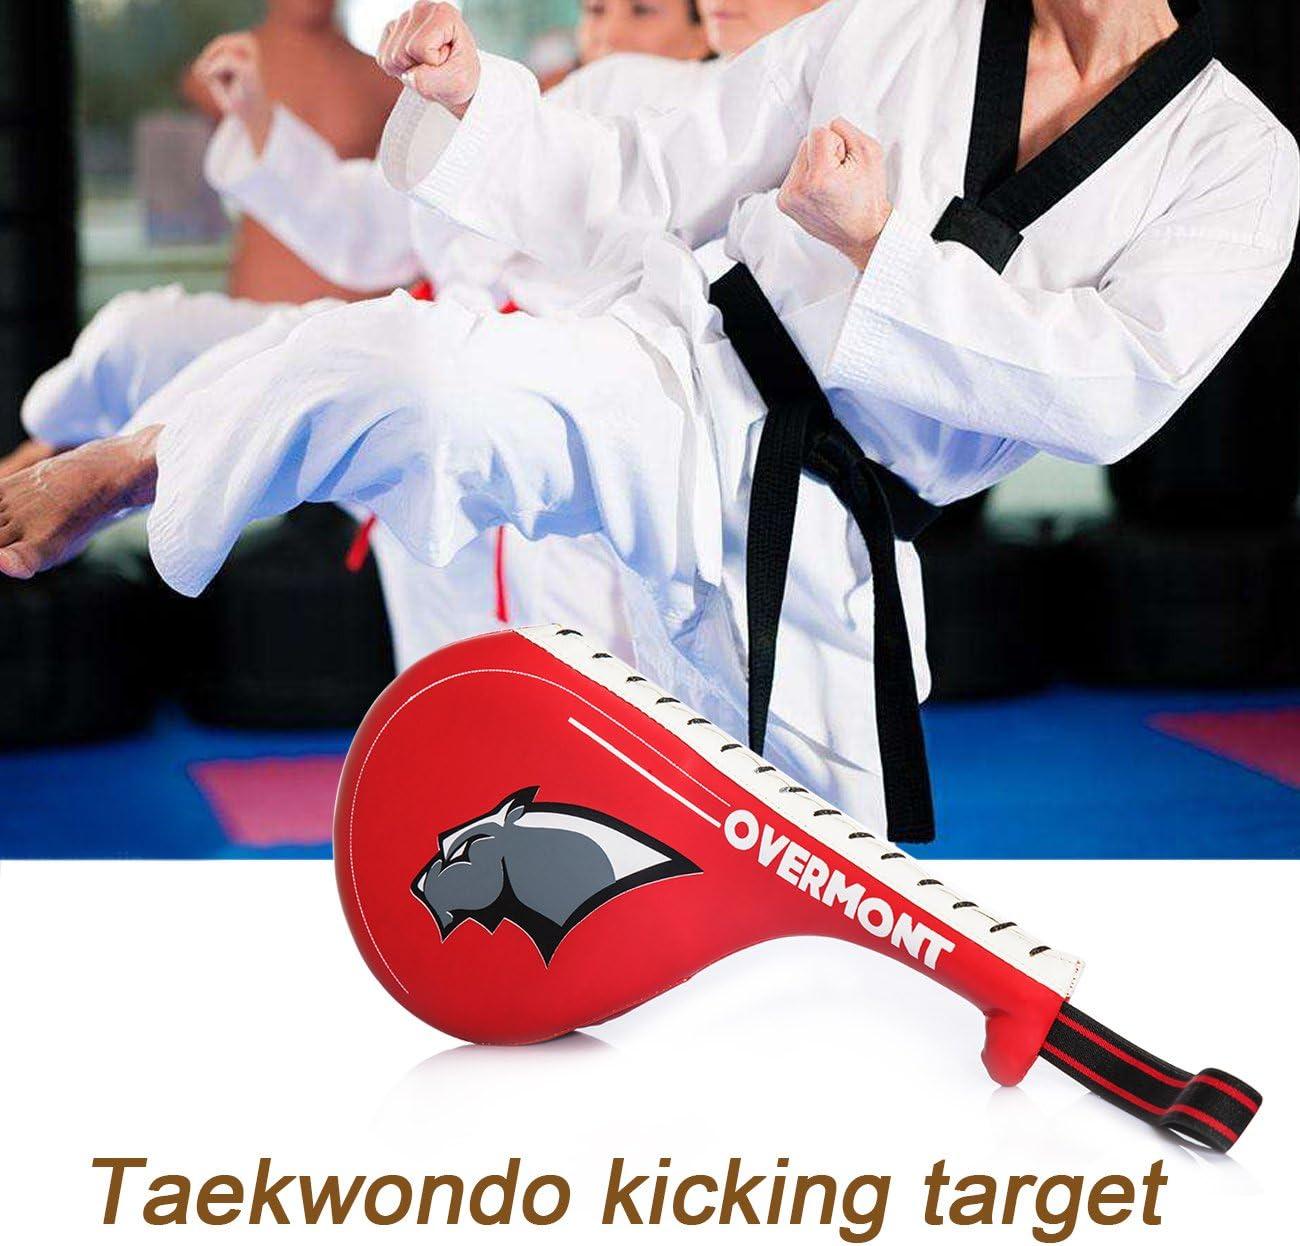 Karate Overmont Scudo Boxing a colpi Kick Pad Doppio Strato di Progettazione Striking Shield Colpitori Target Pad in PU per laddestramento Boxing Muay Boxing Thai UFC Taekwondo MMA Arti Marziali